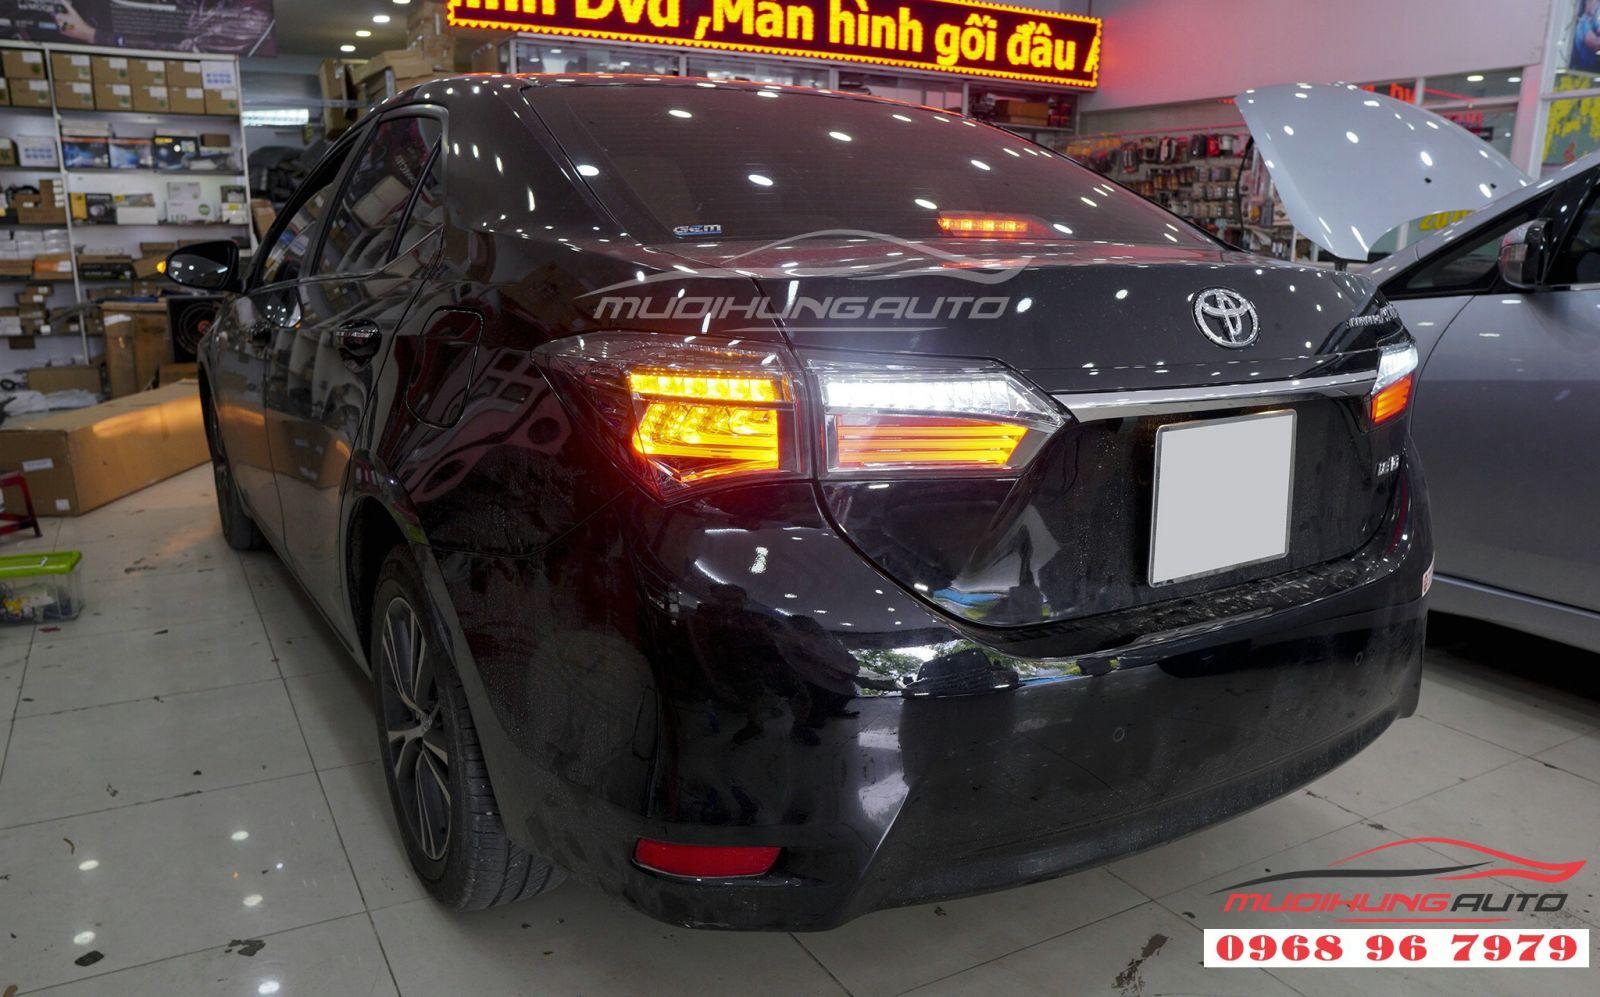 Nâng cấp đèn hậu LED nguyên bộ cho xe Altis 2018,2019